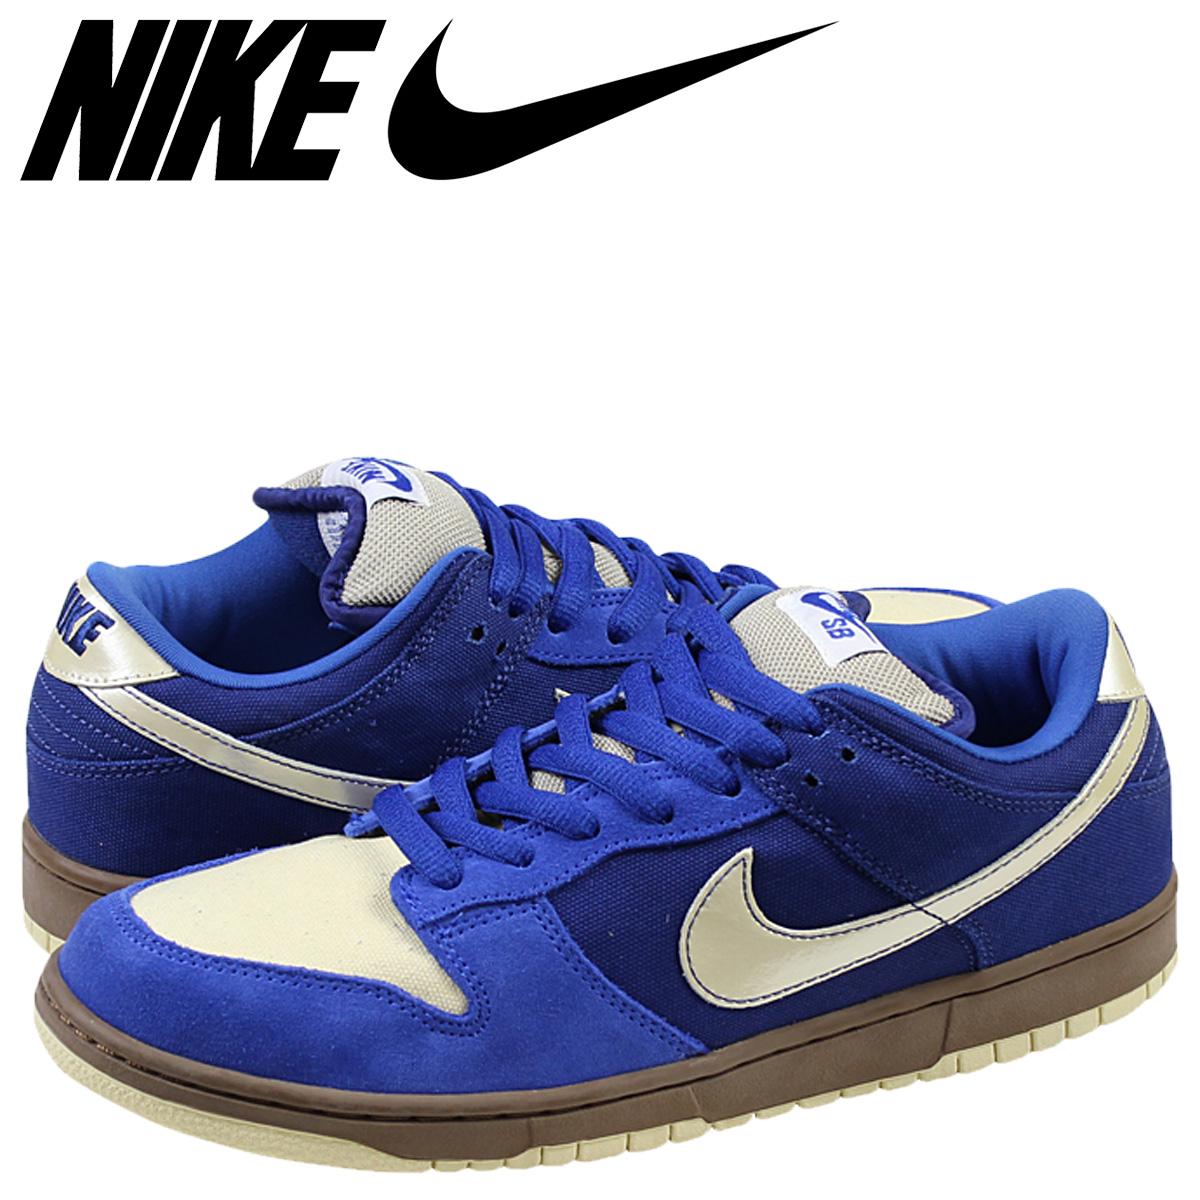 Mens Nike Dunk Low Pro Sb Gold Railshoes Blue Melbourne 304292472 Copuon